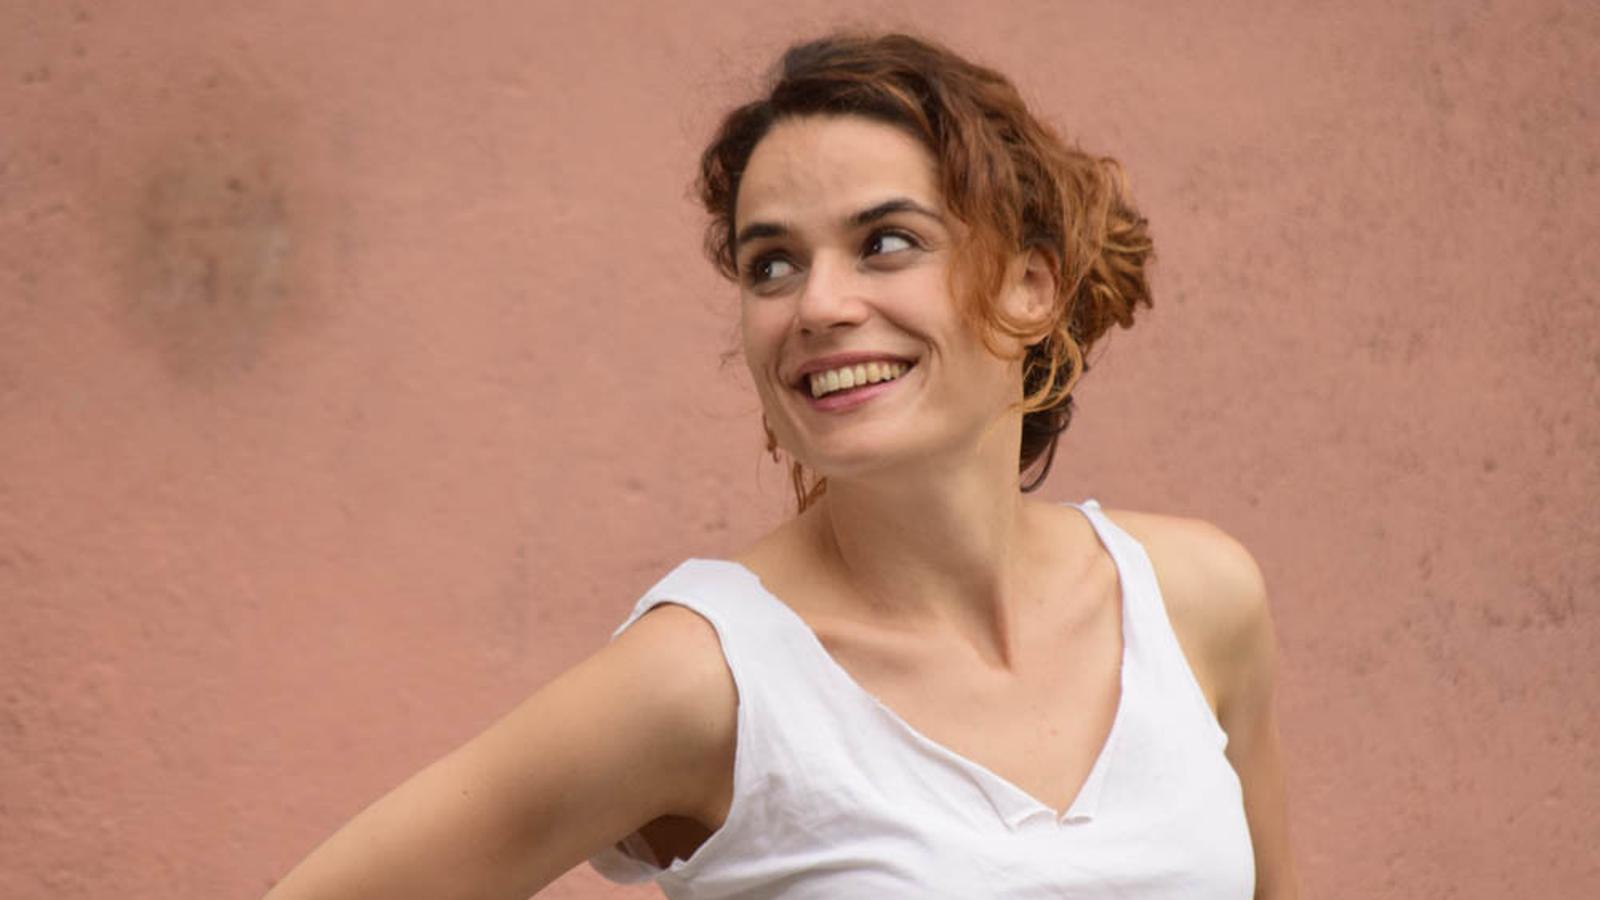 La directora i dramaturga Lara Díez Quintanilla